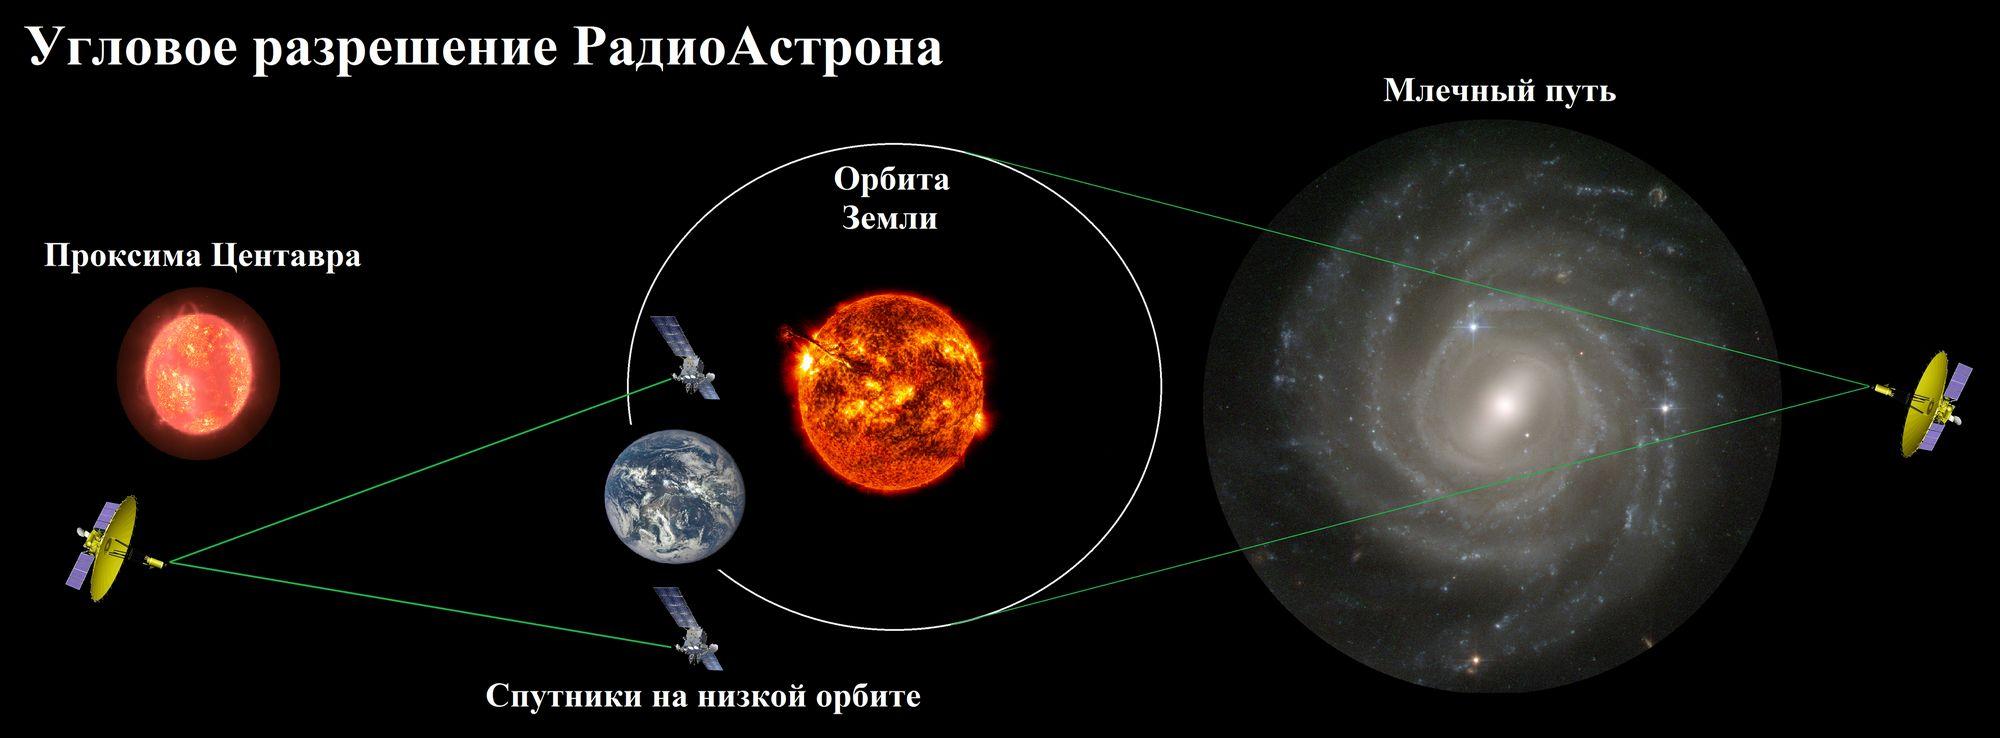 Техническая сторона «РадиоАстрона» - 2